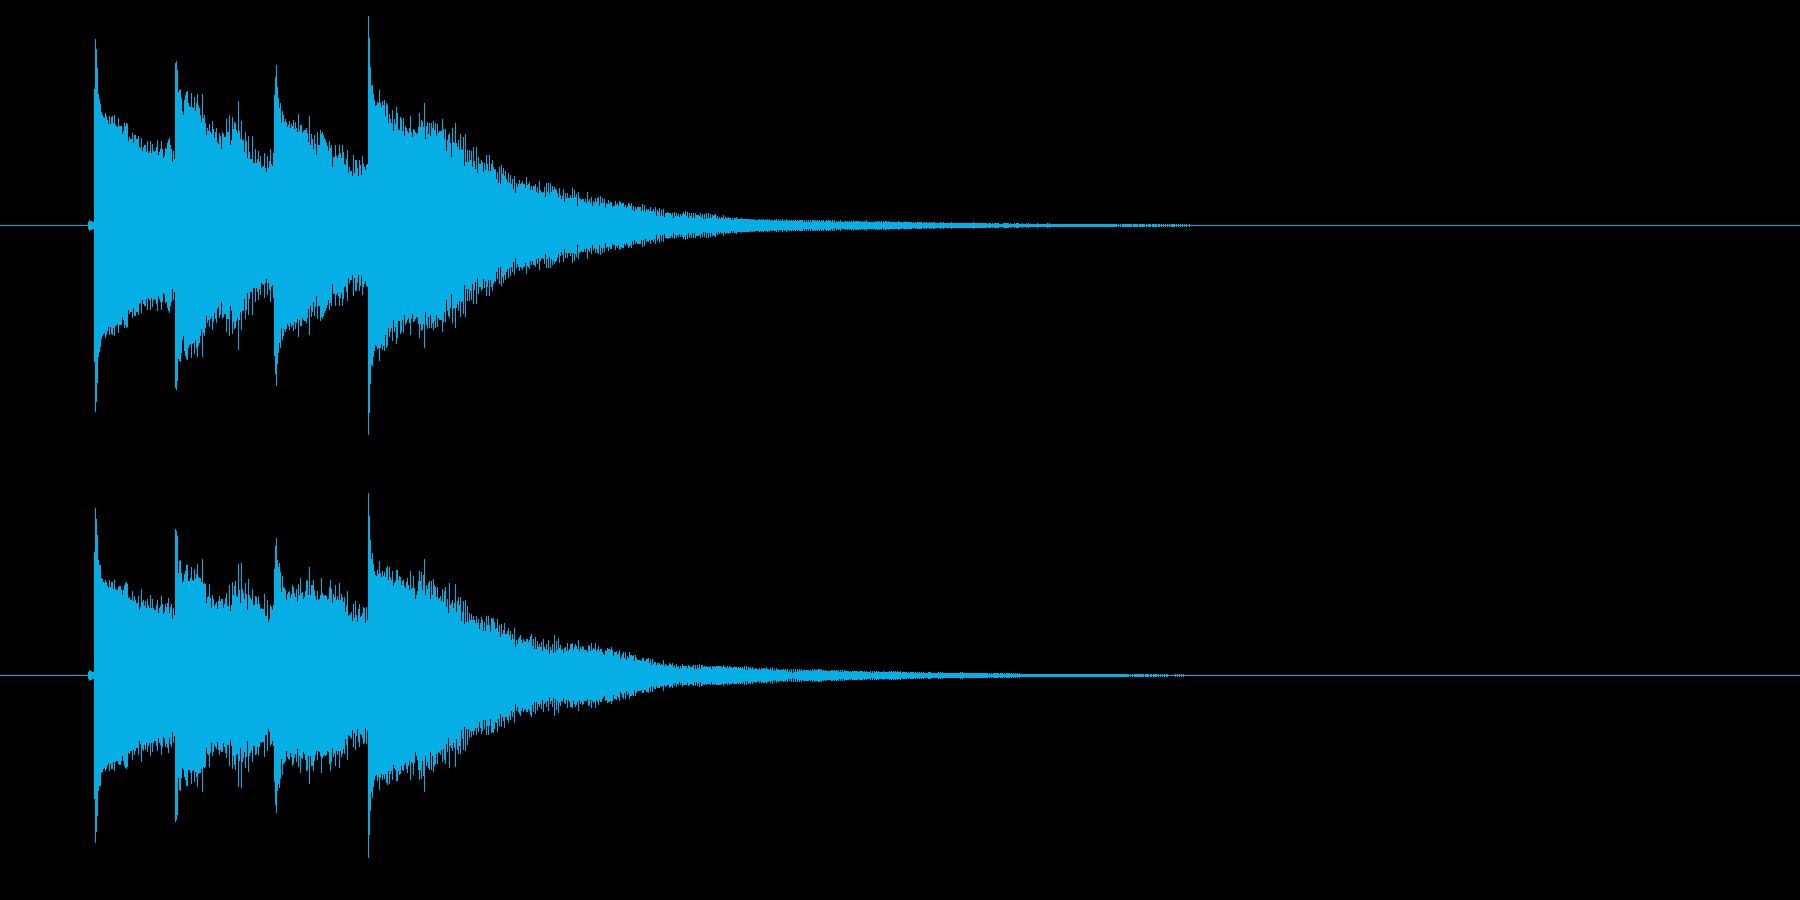 テュラララン(ひらめき音)の再生済みの波形